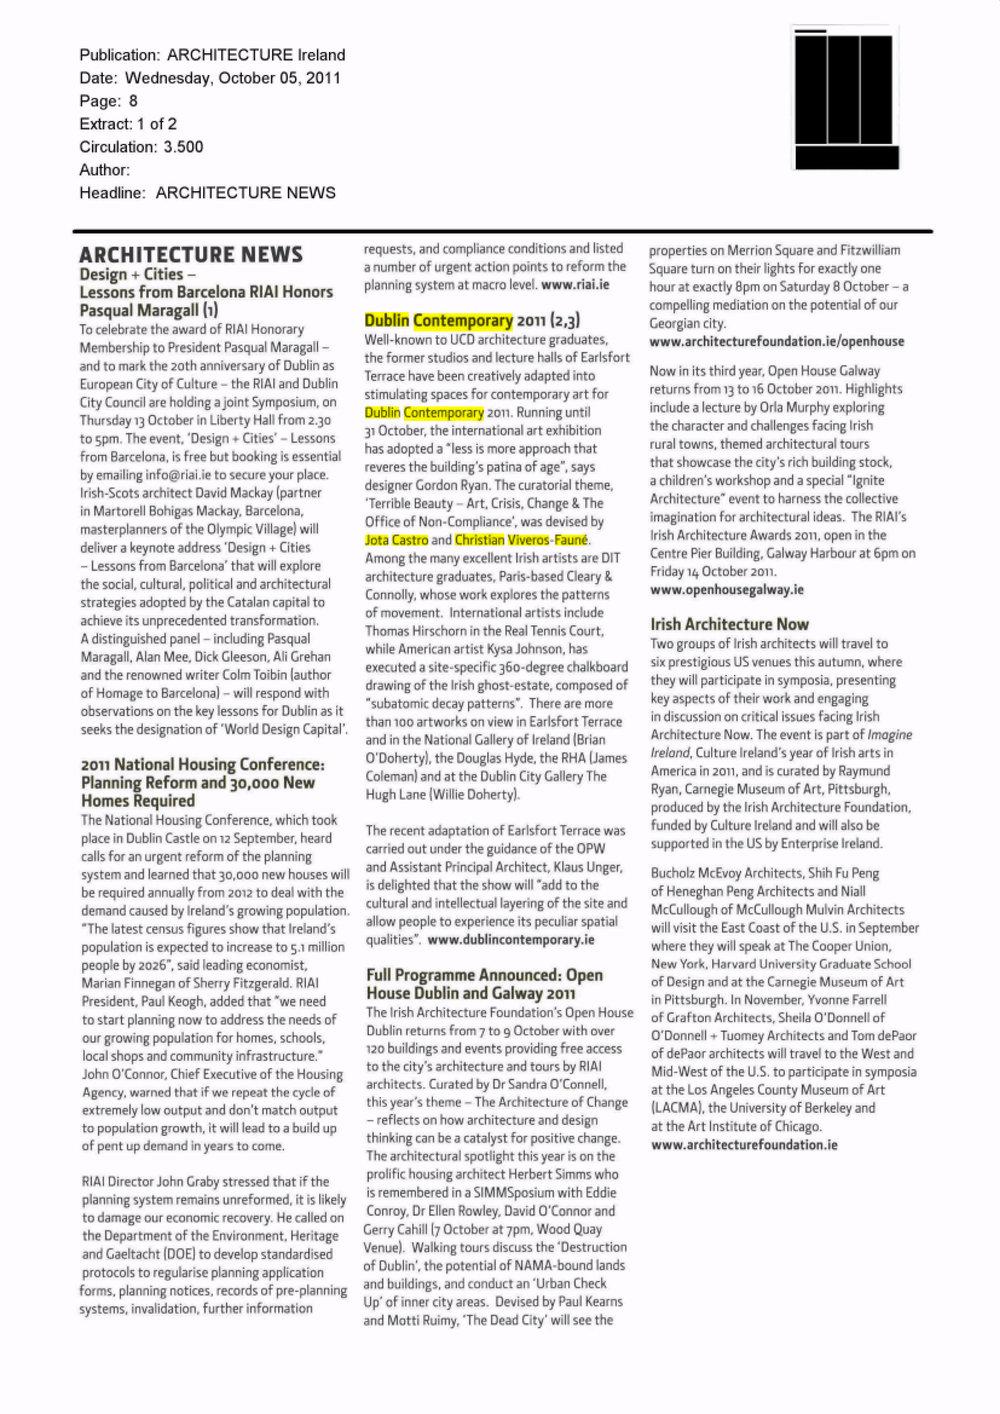 ArchitectureIrelandOctober2011-1.jpg